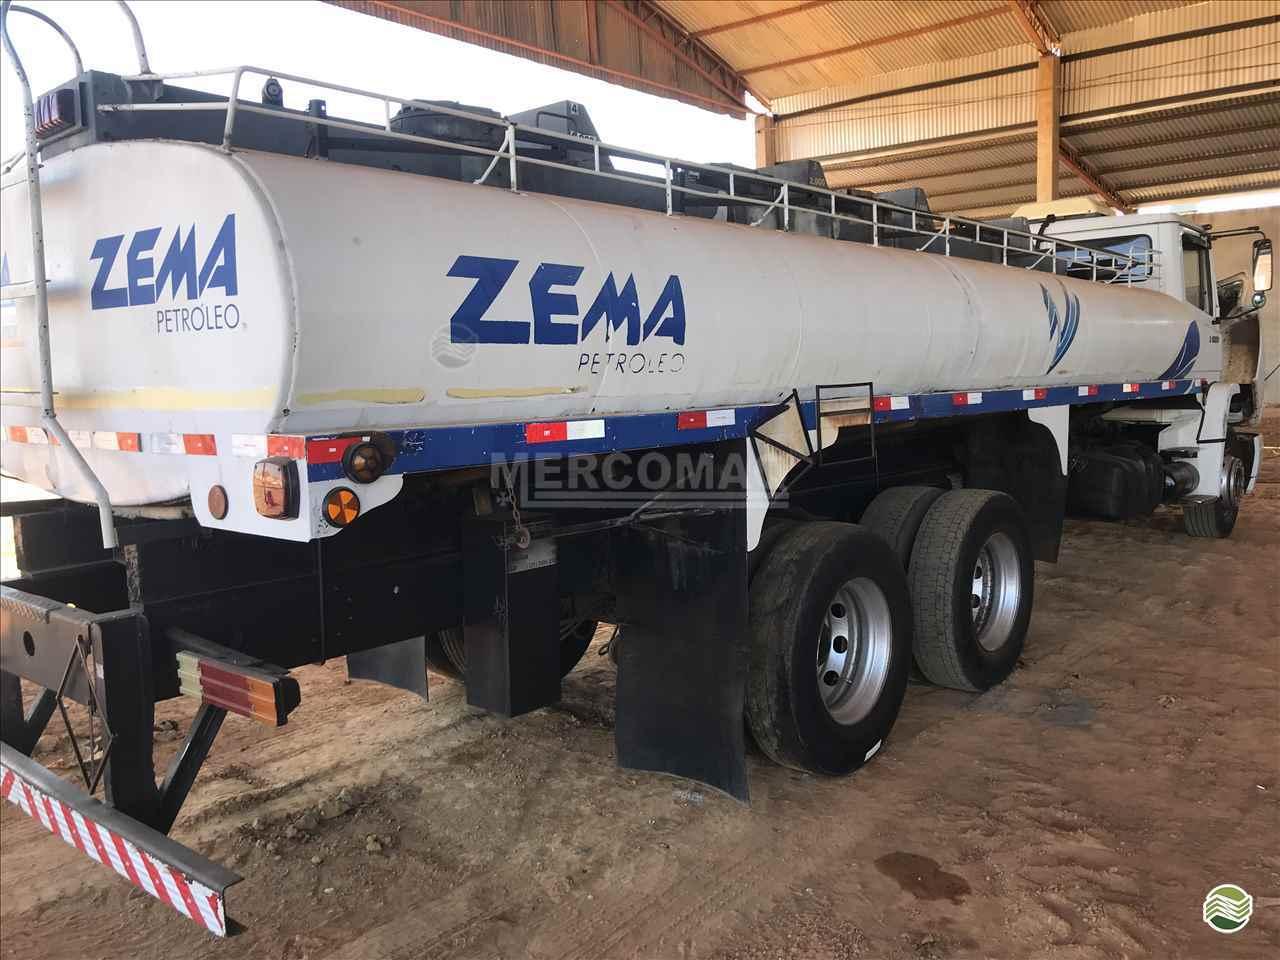 CAMINHAO MERCEDES-BENZ MB 1620 Tanque Pipa Truck 6x2 Mercomaq - JAN - GTS PRIMAVERA DO LESTE MATO GROSSO MT